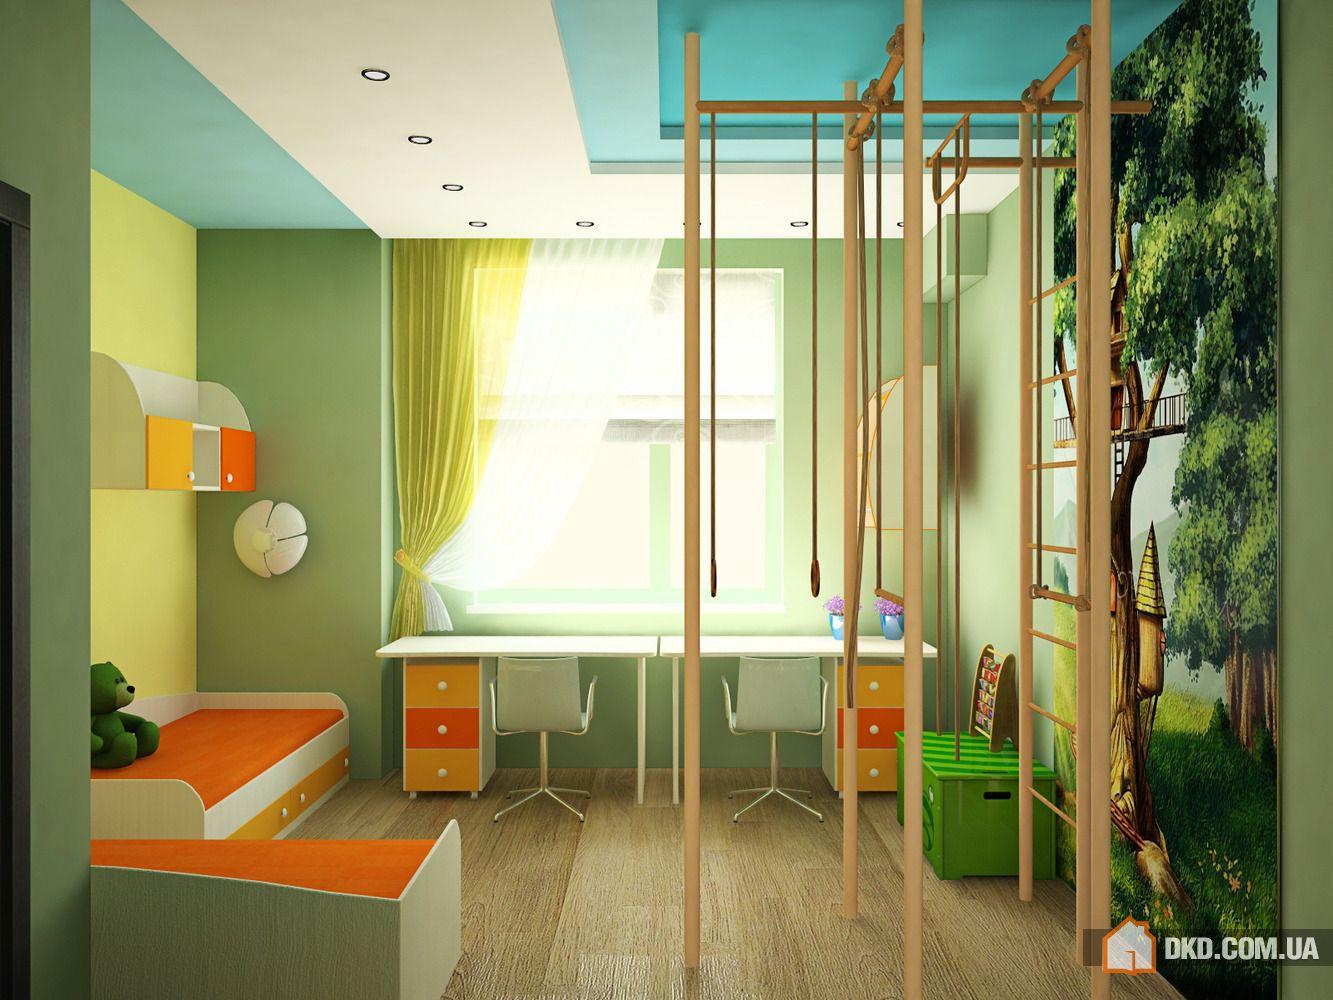 Проект: детская комната для двух детей, автор екатерина коло.